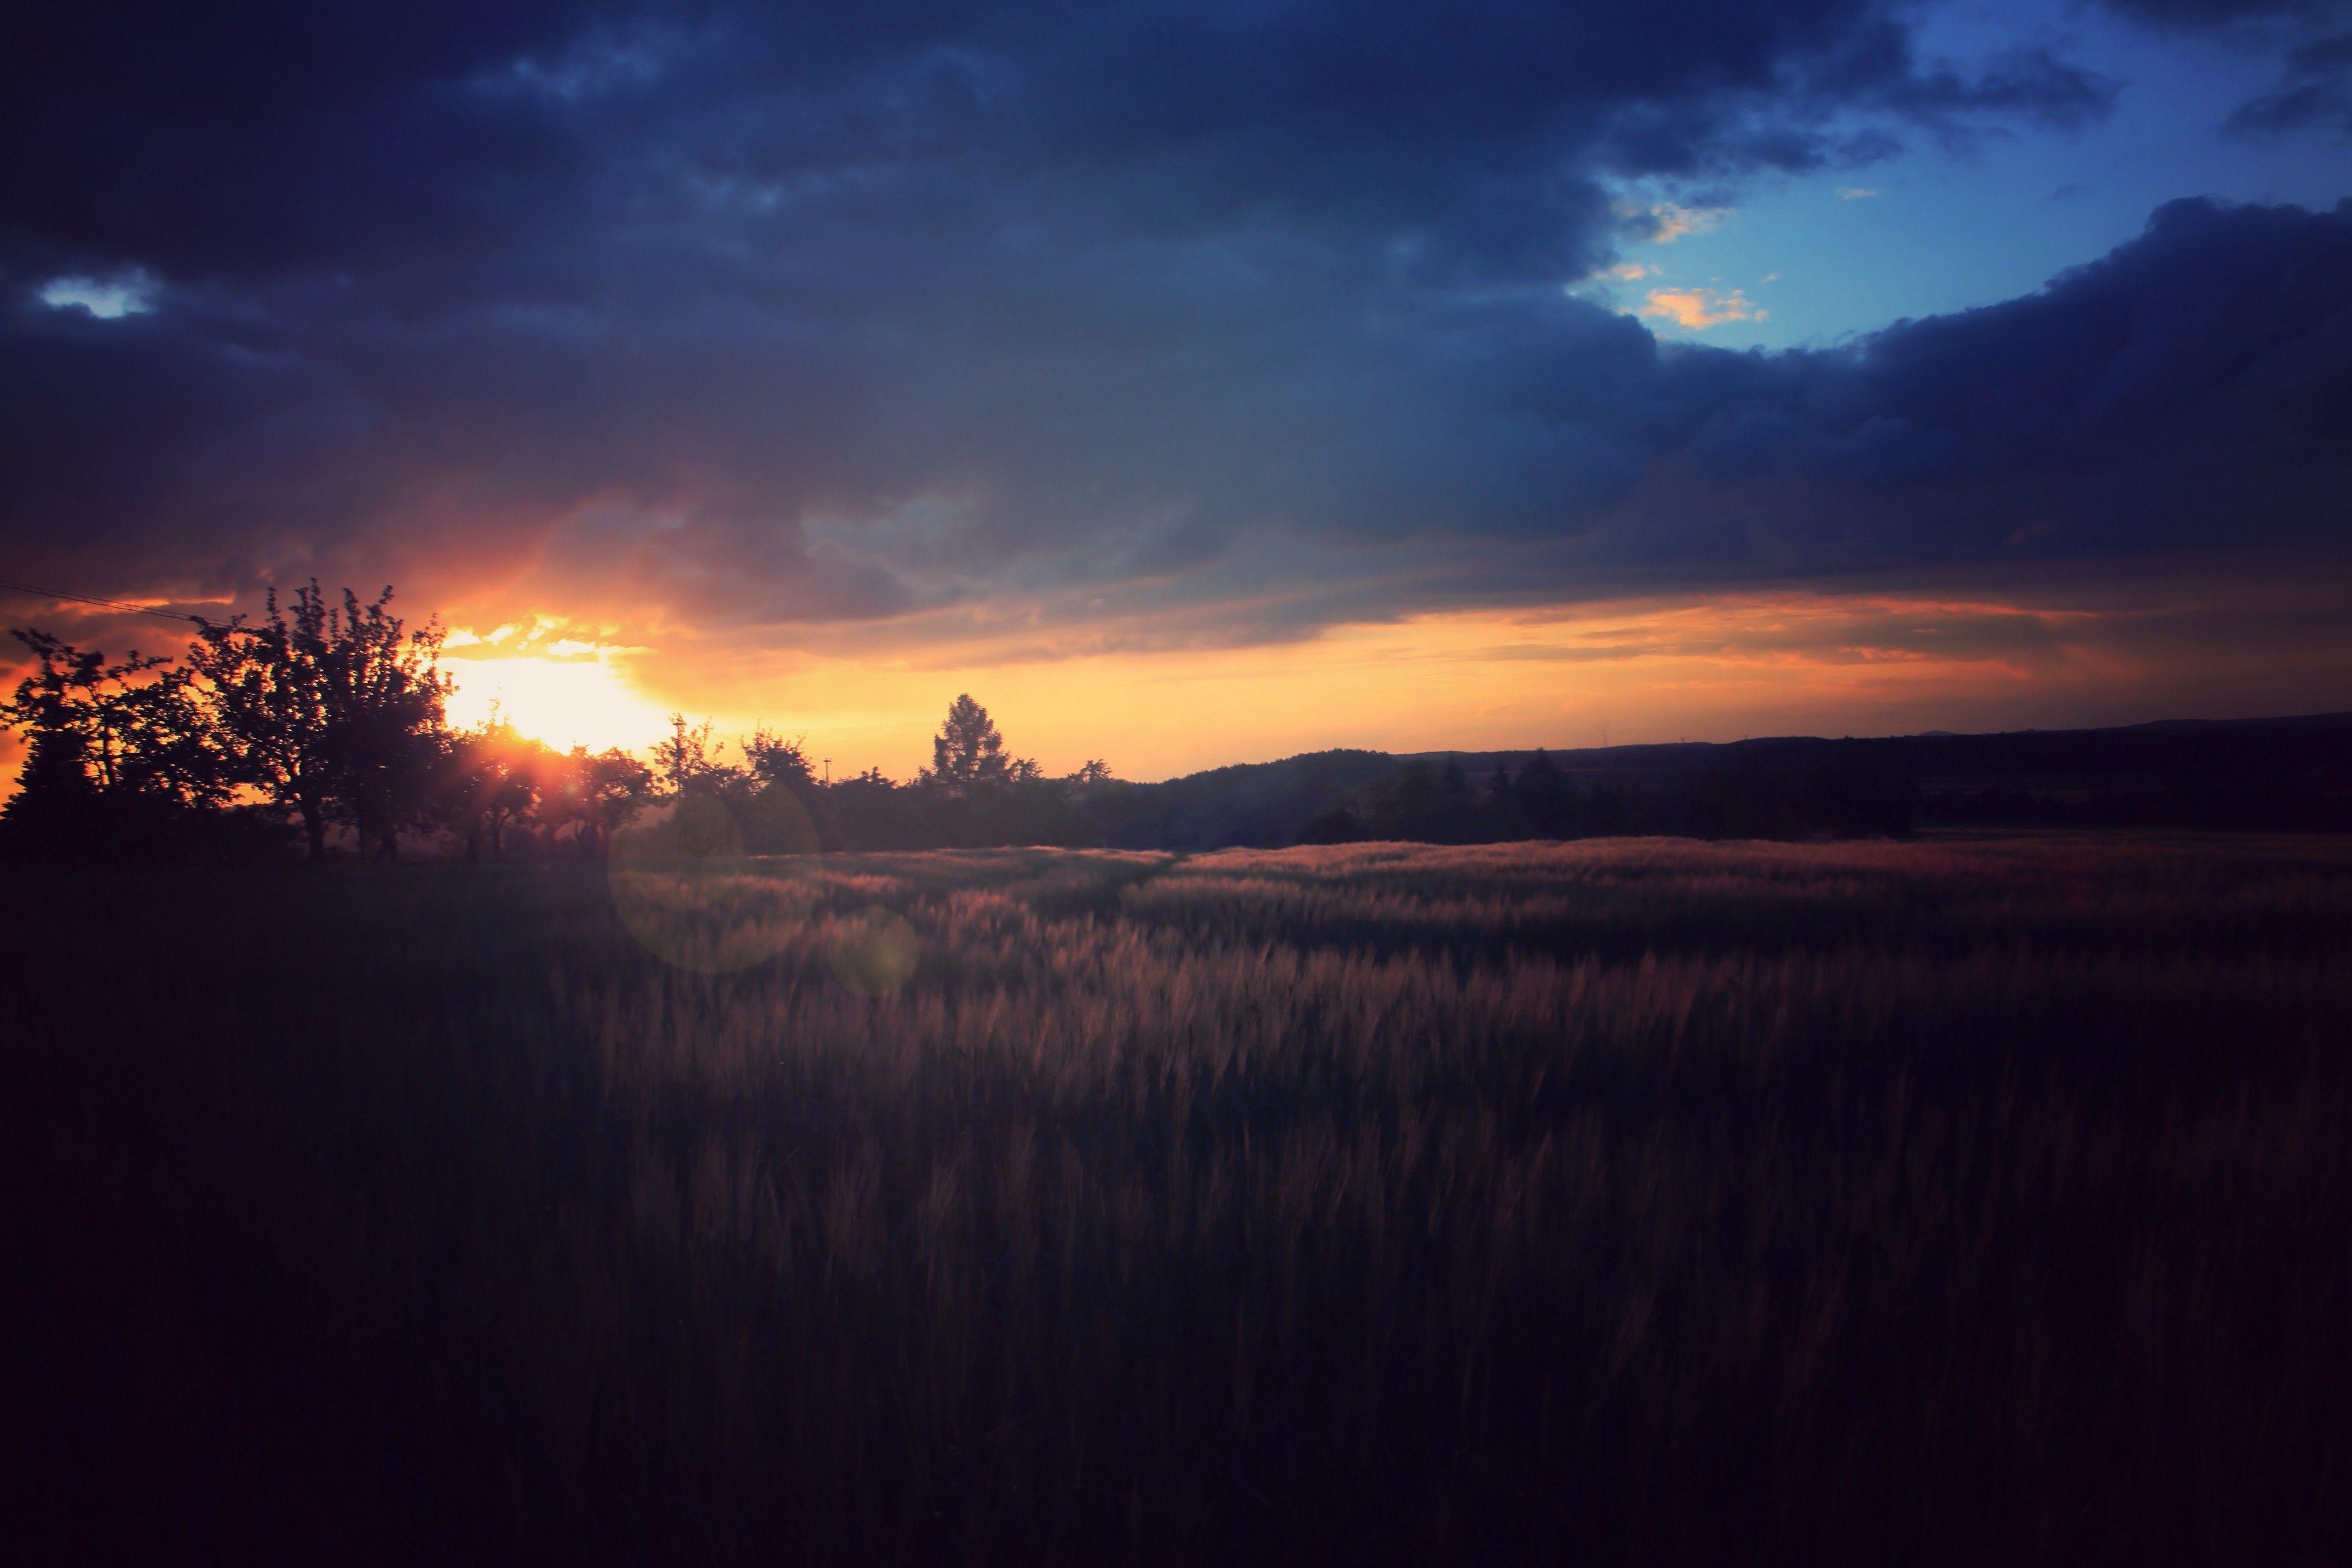 Wallpaper : 3888x2592 px, nature, night, sunset 3888x2592 - goodfon .